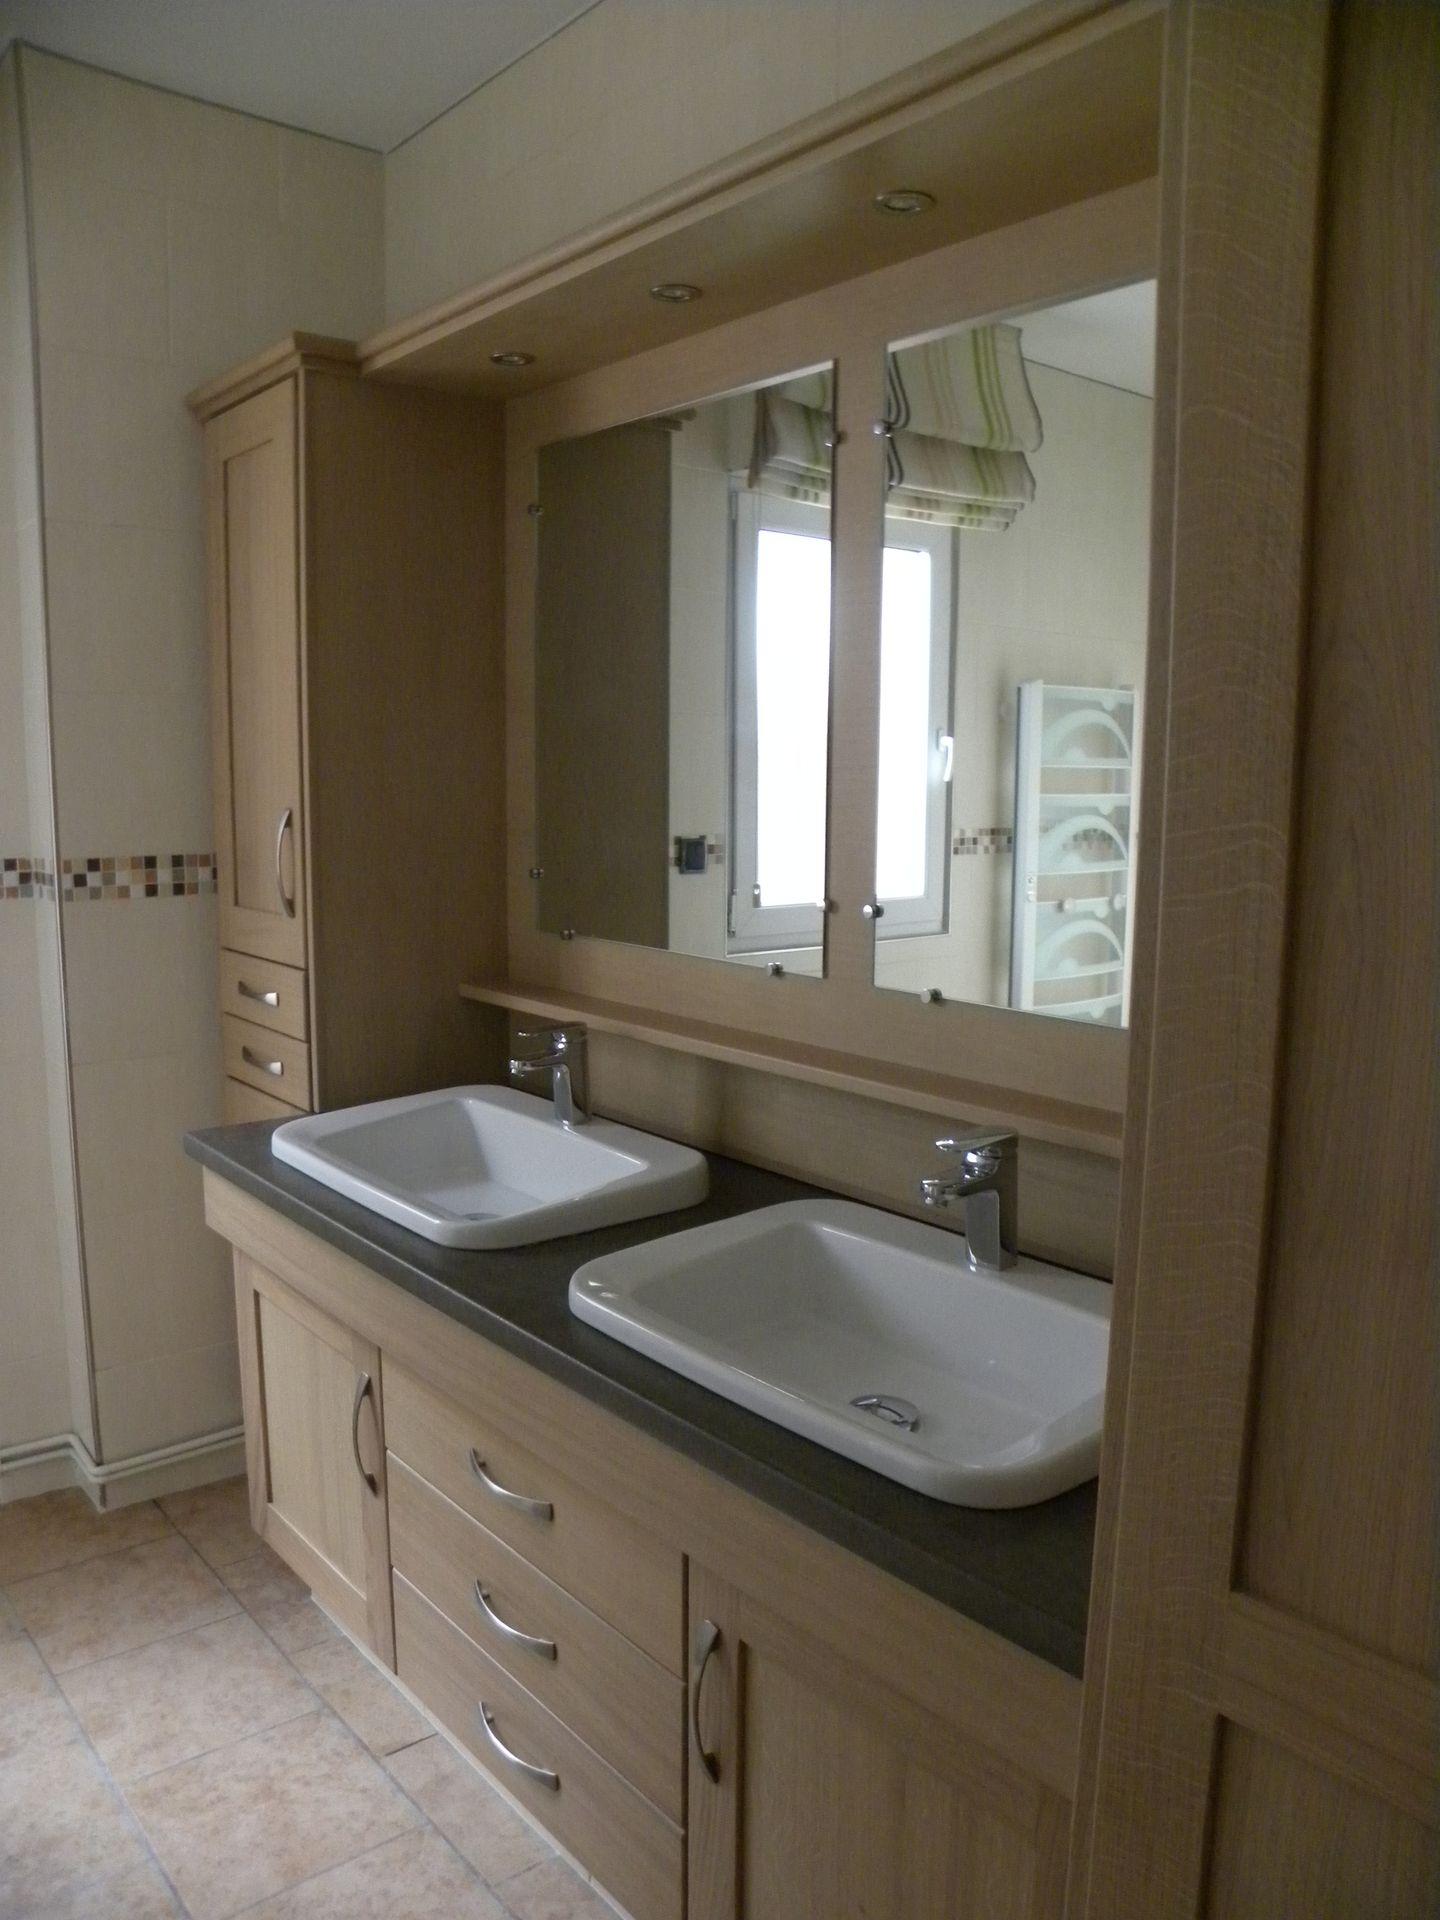 Salle De Bain Moderne Bois Salles de bains modernes avec beaux meubles lava # Salle De Bain Bois Moderne